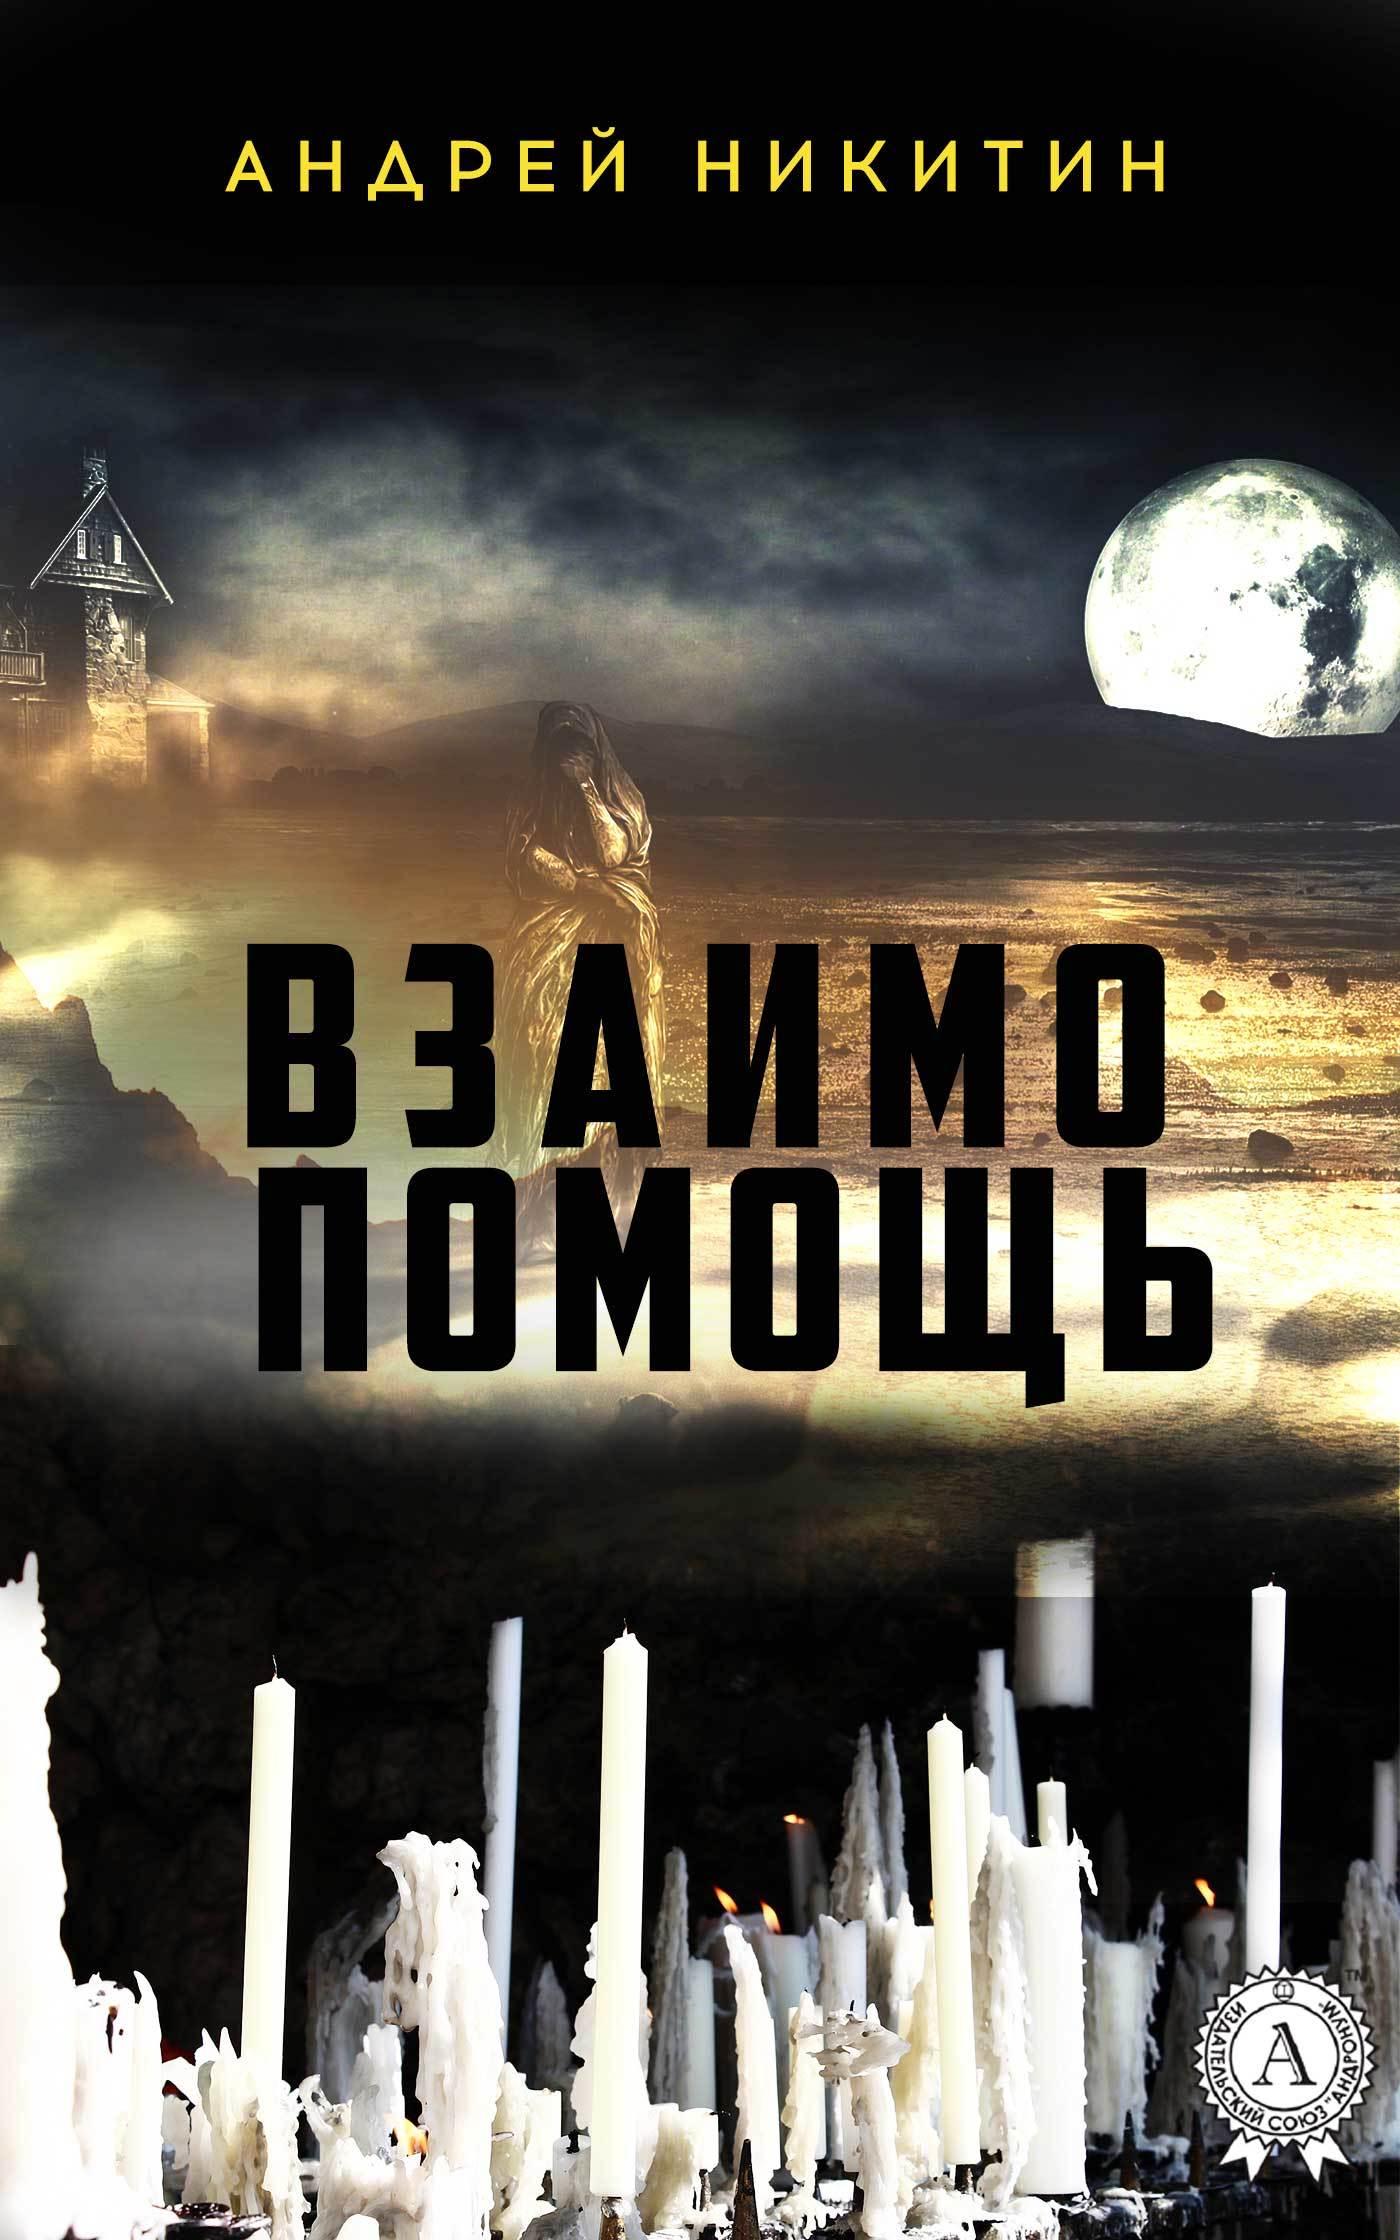 Андрей Никитин Взаимопомощь купить чехлы на мобильный в одессе